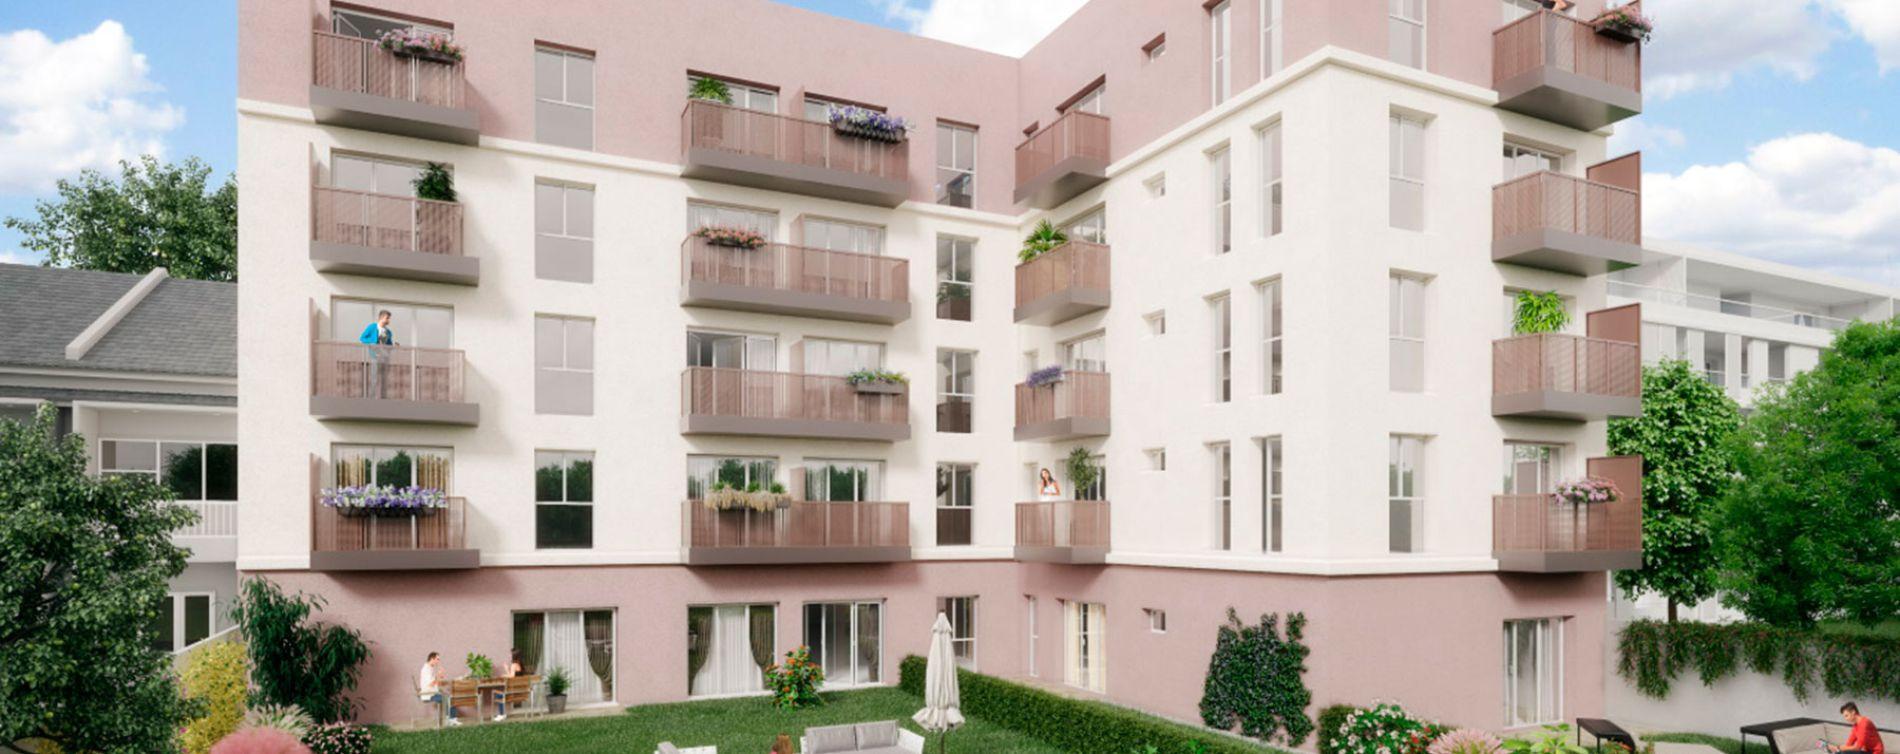 Villepinte : programme immobilier neuve « Côté Village »